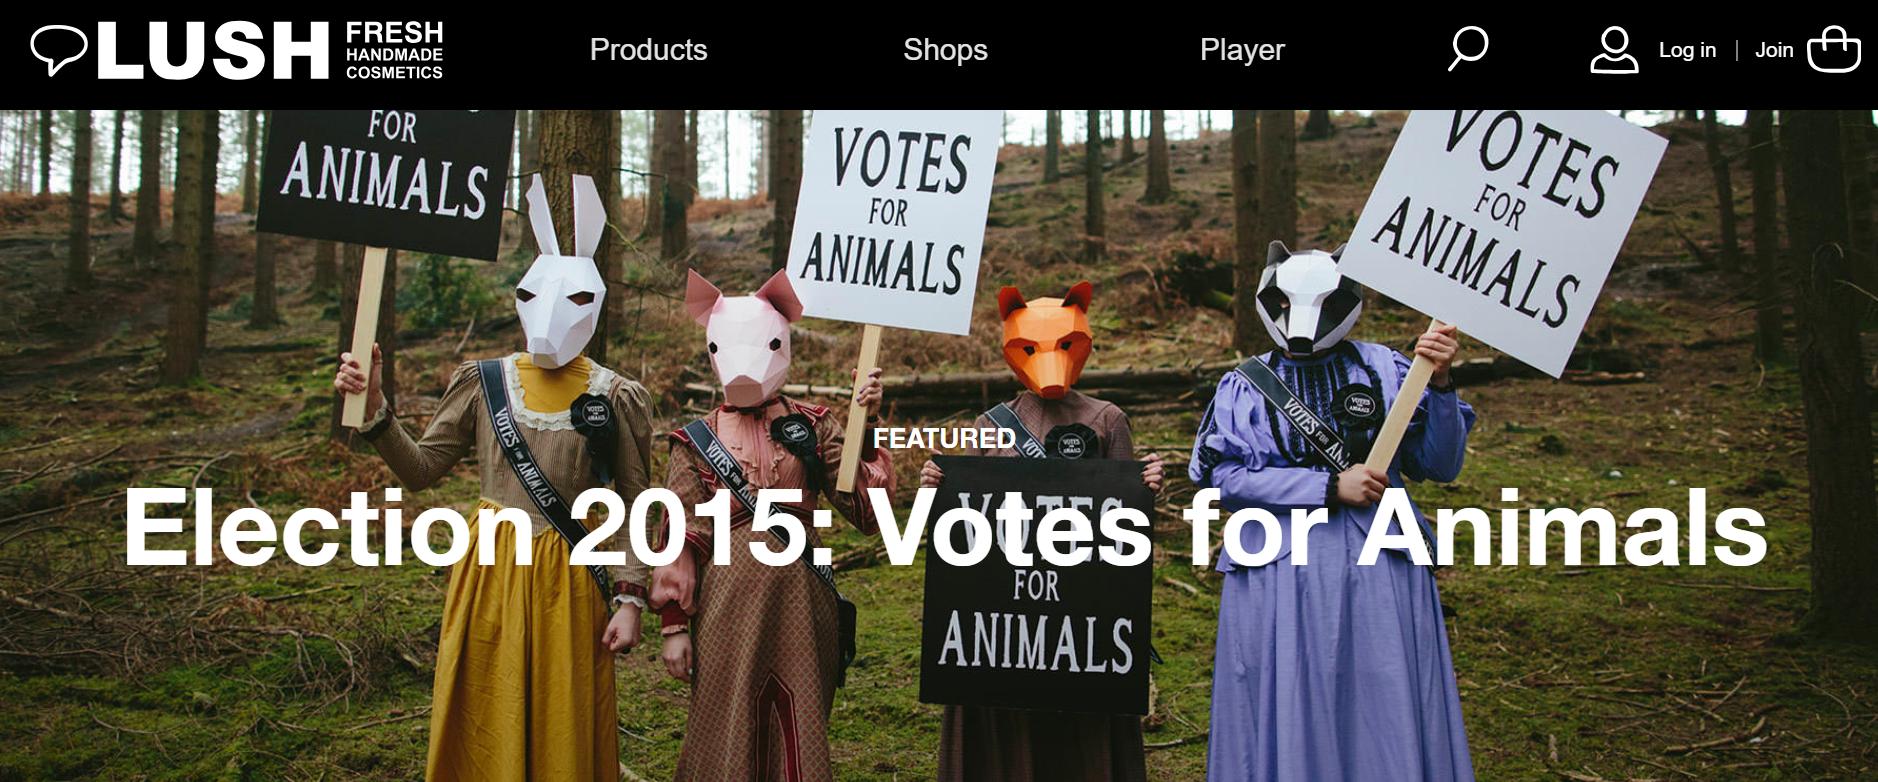 קמפיין מותג לאש בנושא זכויות בעלי חיים בחירות לפרלמנט באנגליה